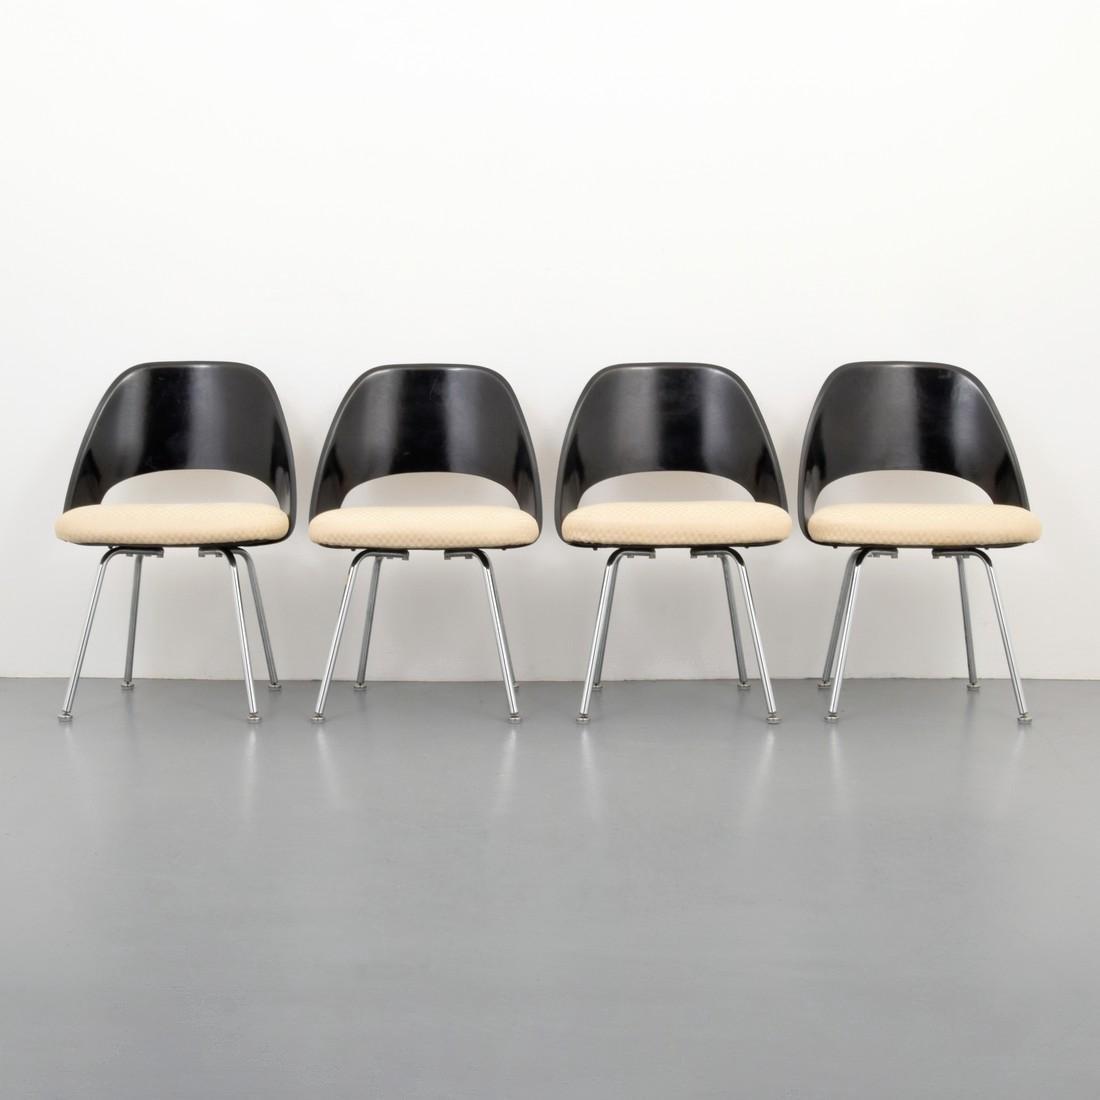 Eero Saarinen Dining Chairs, Set of 4